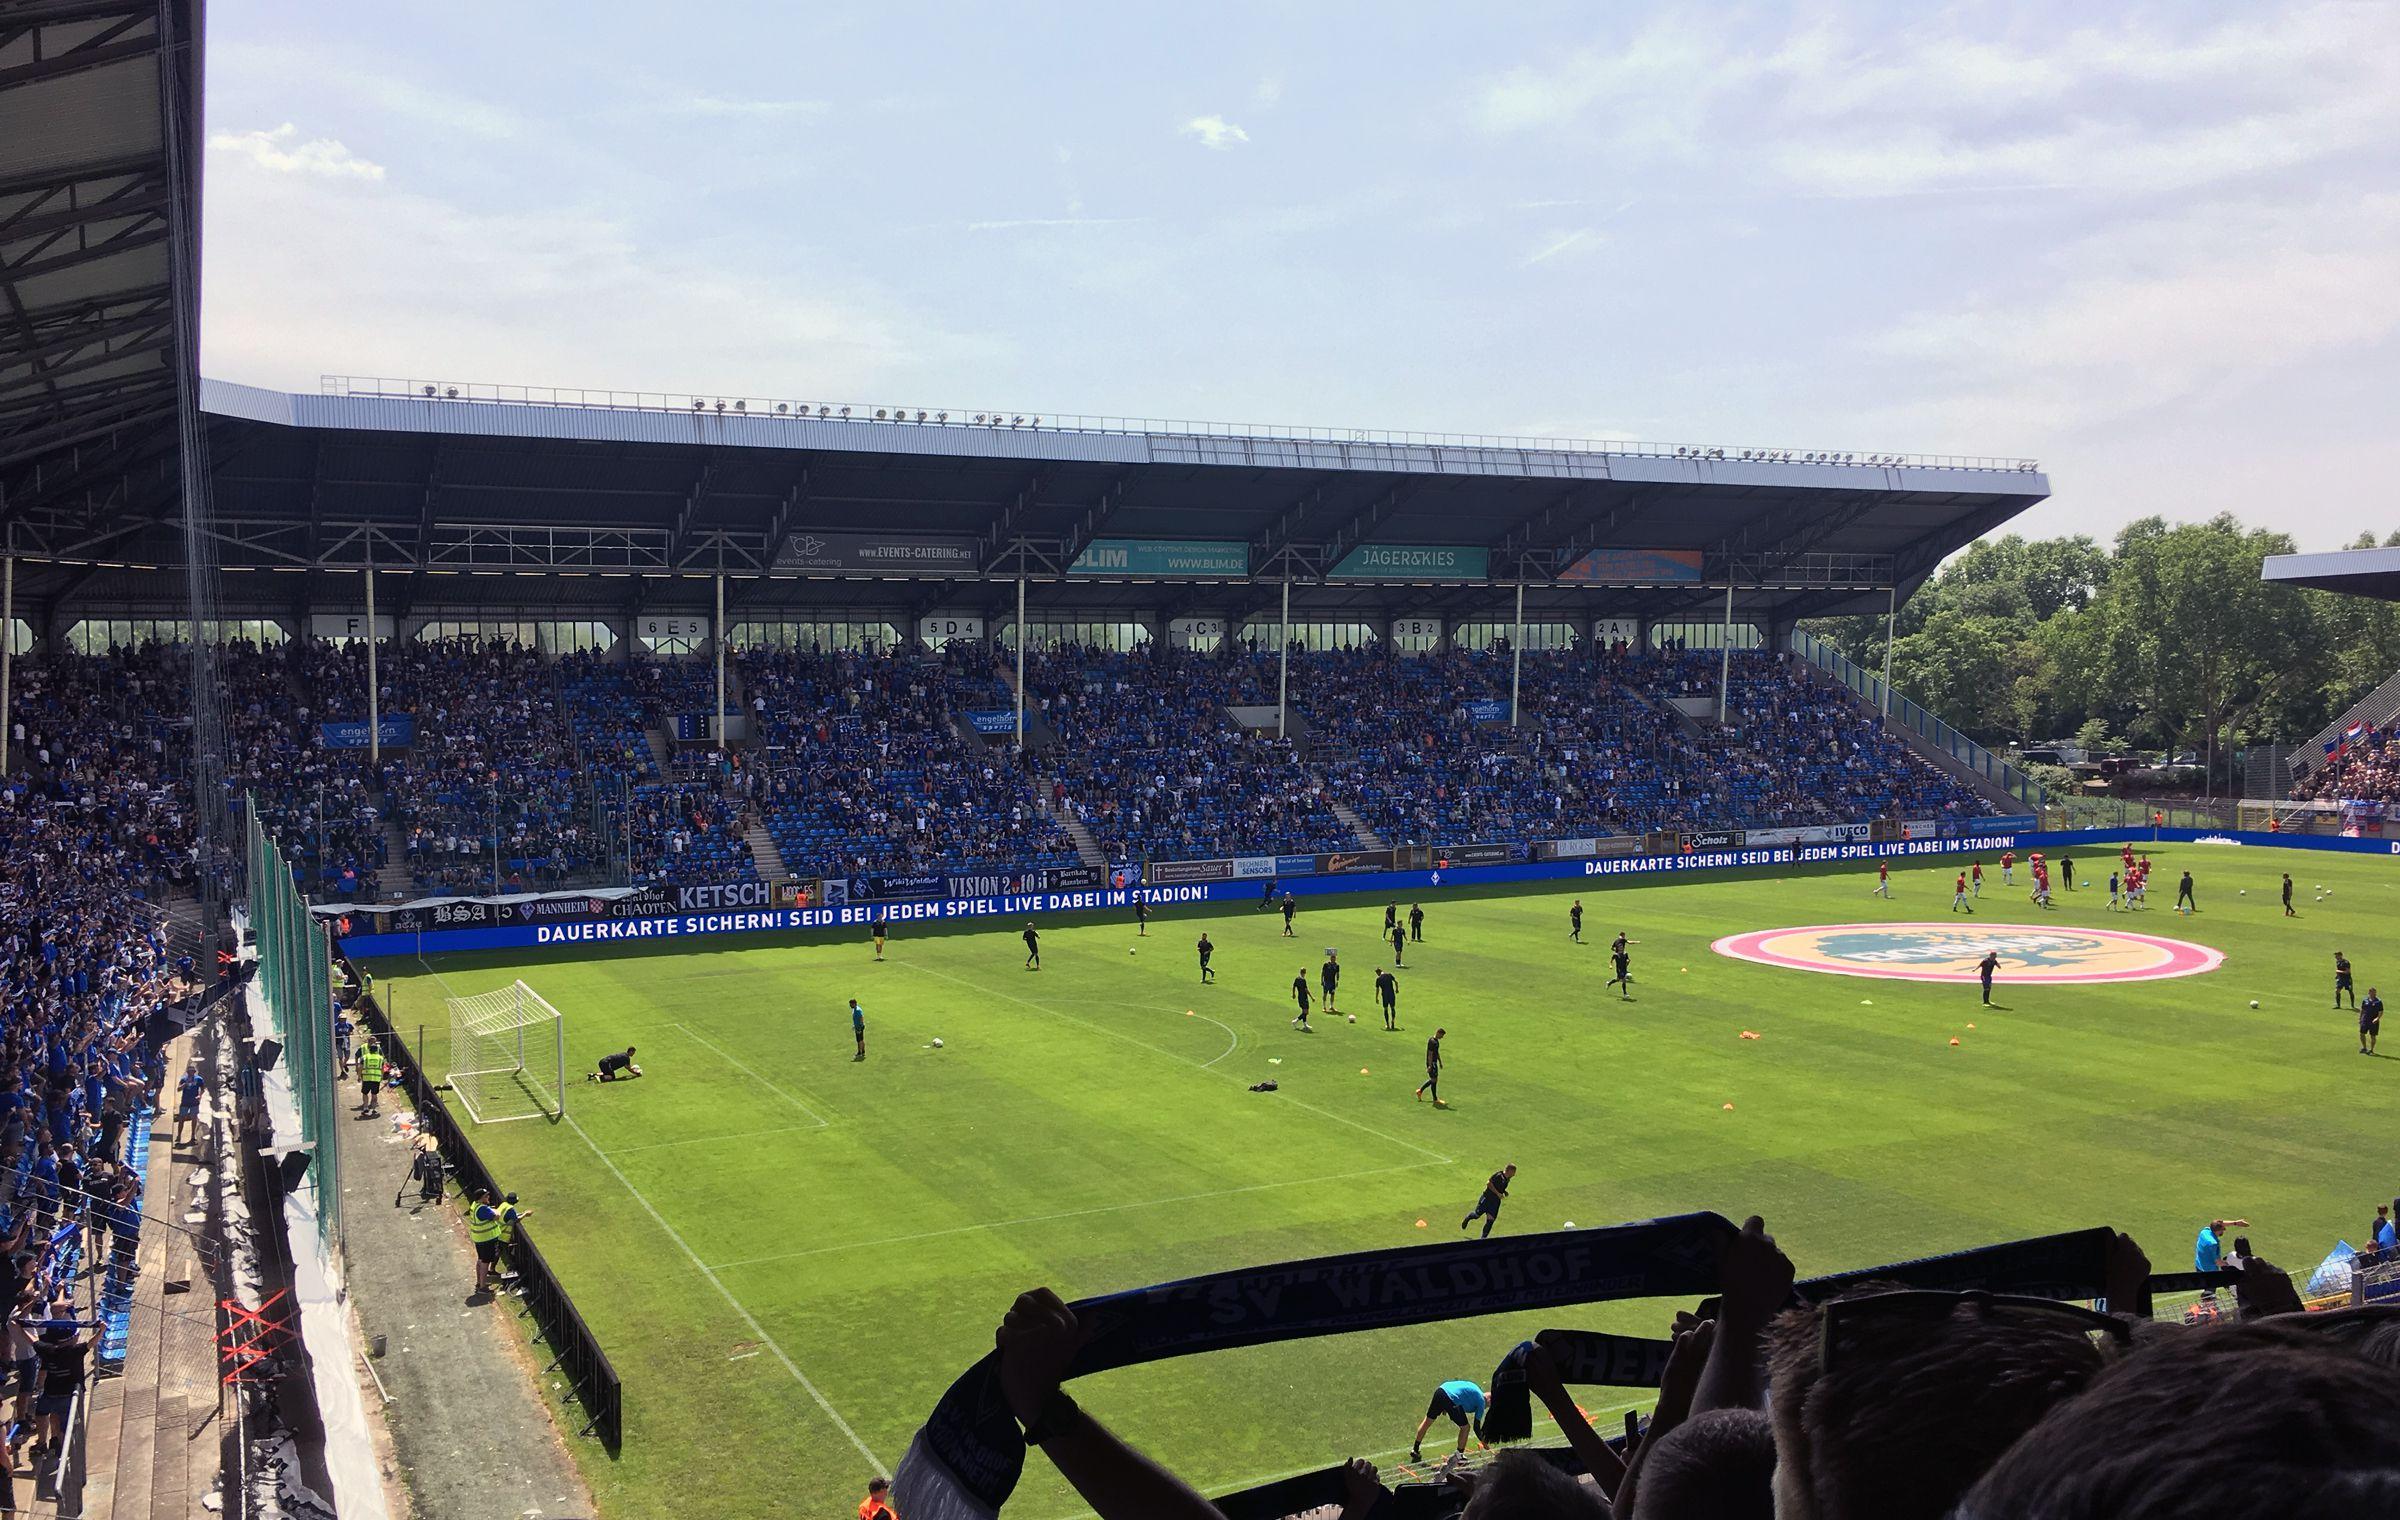 Sonnenschein und gute Stimmung – vor dem Spiel…